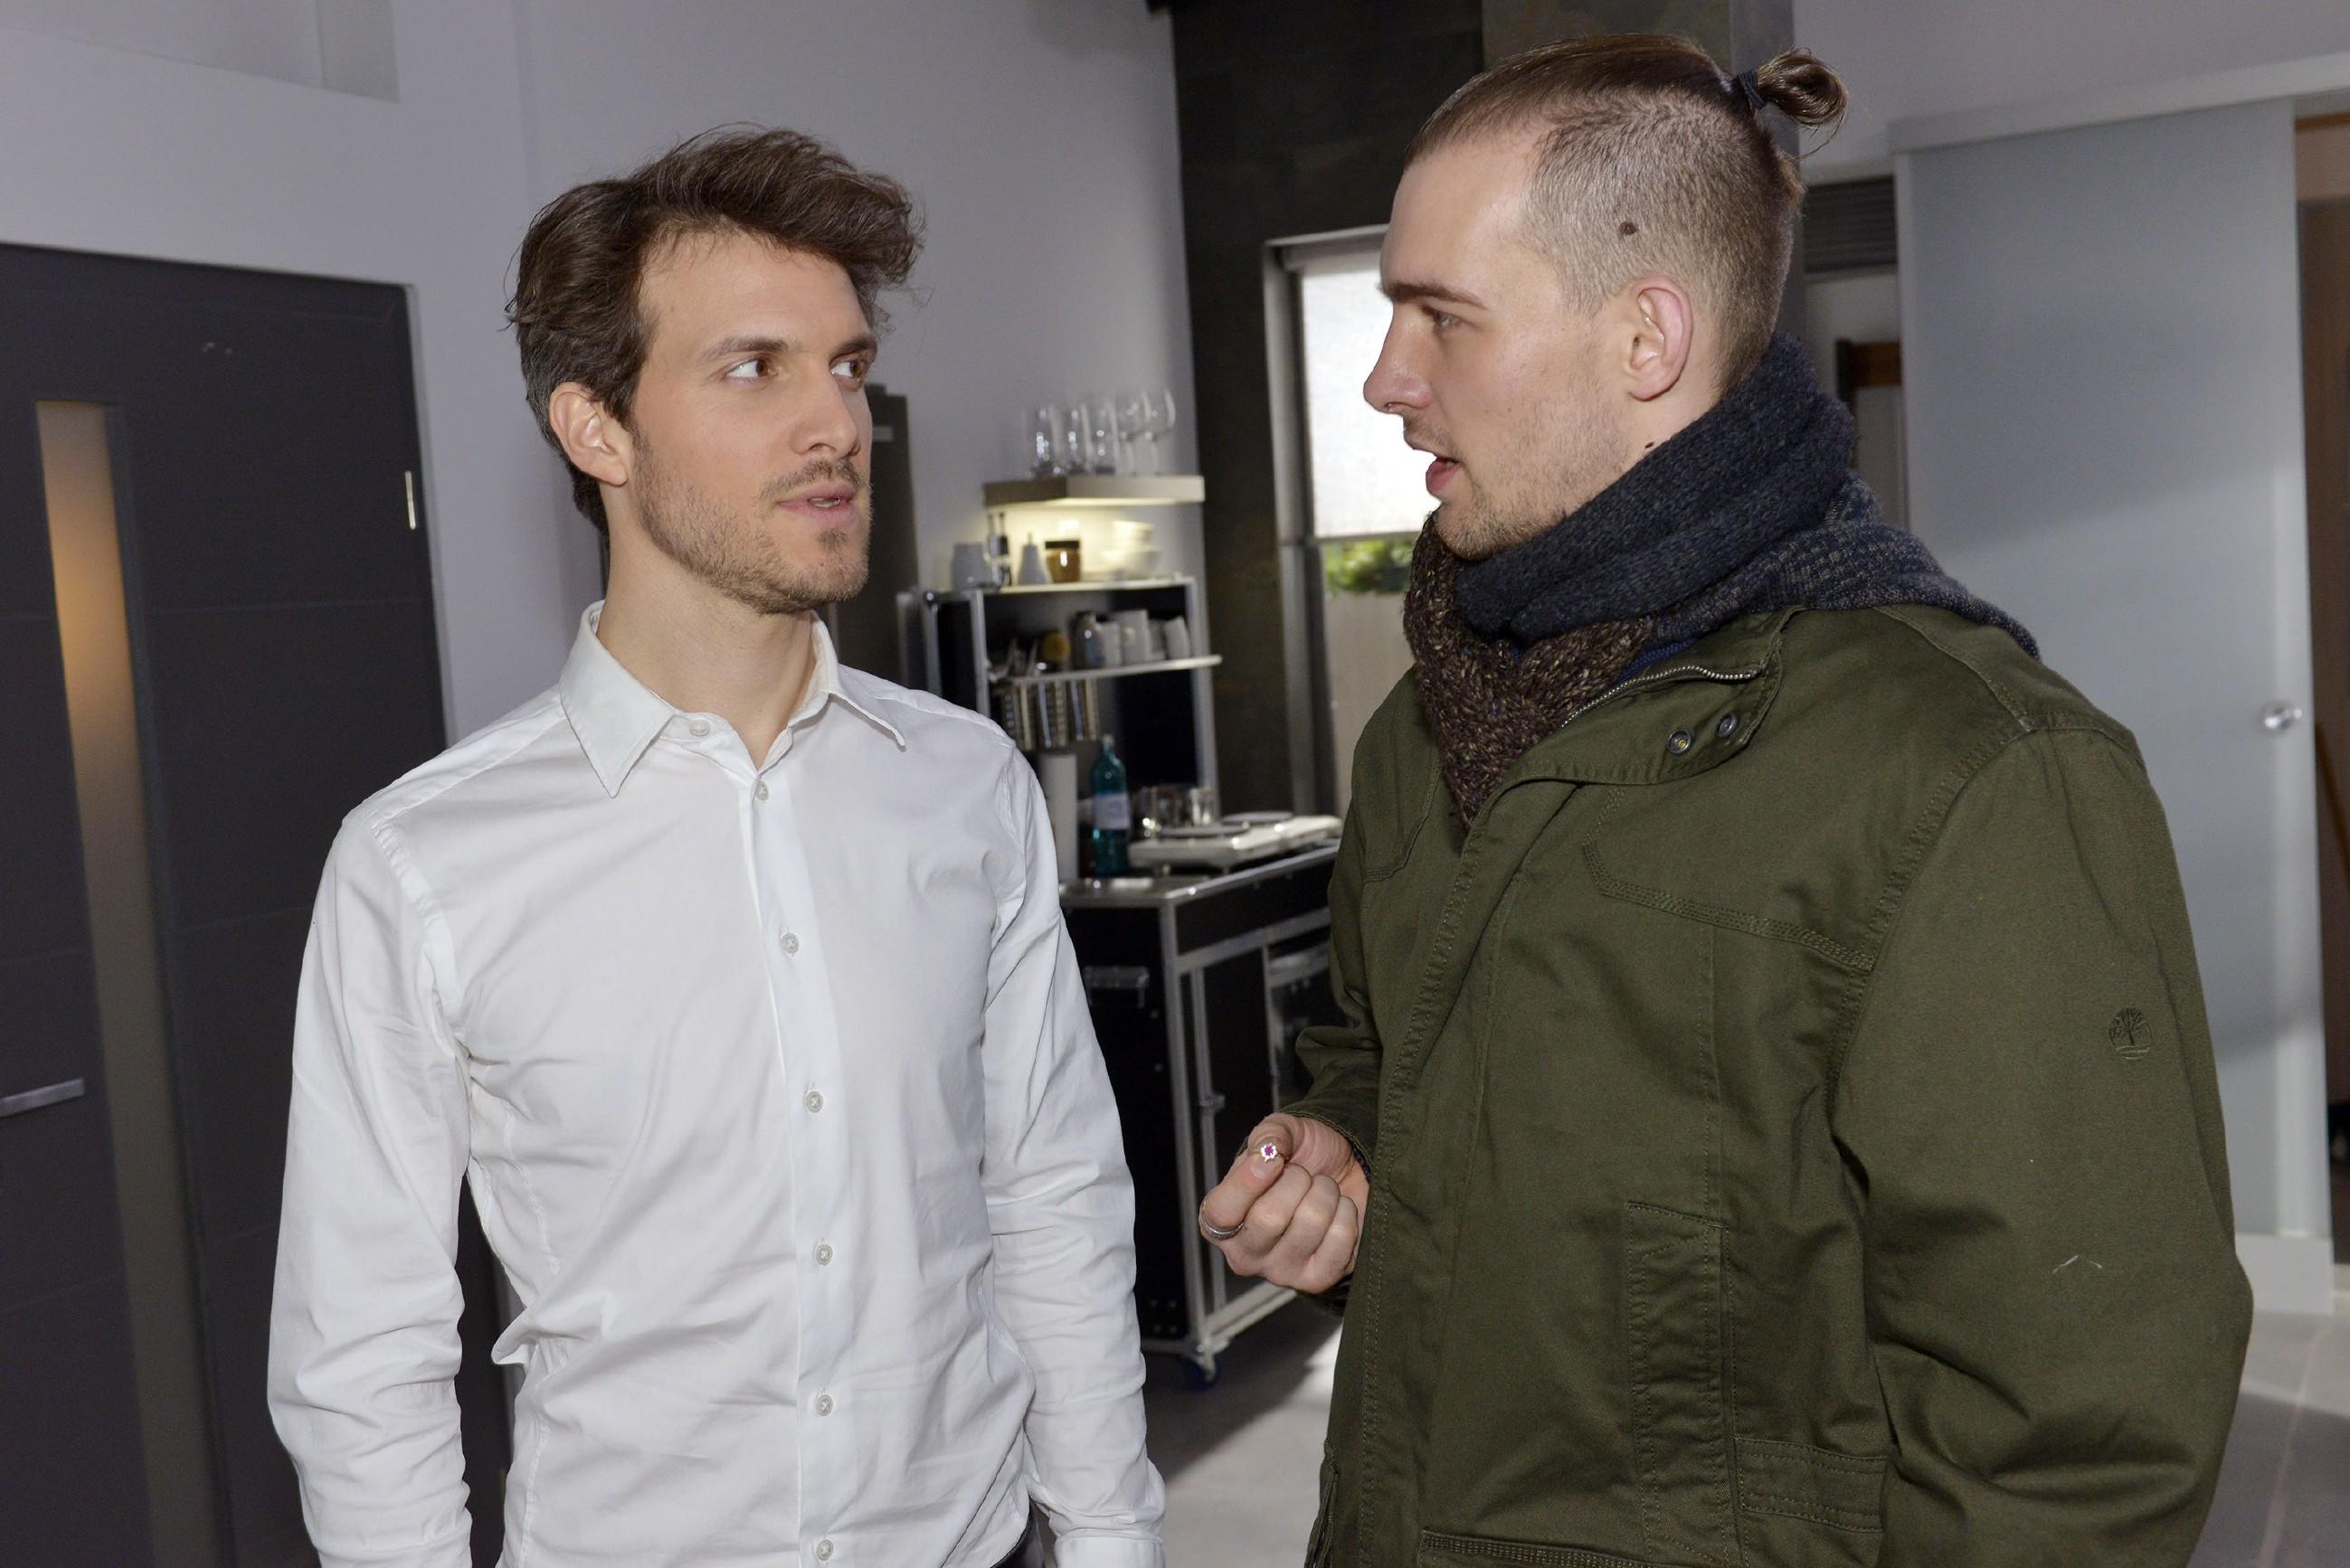 Felix (Thaddäus Meilinger, l.) kann seine Wut auf Chris (Eric Stehfest) nur mühsam unterdrücken, nachdem dieser Sunny von der Verlobung abgeraten hat. (Quelle: RTL / Rolf Baumgartner)